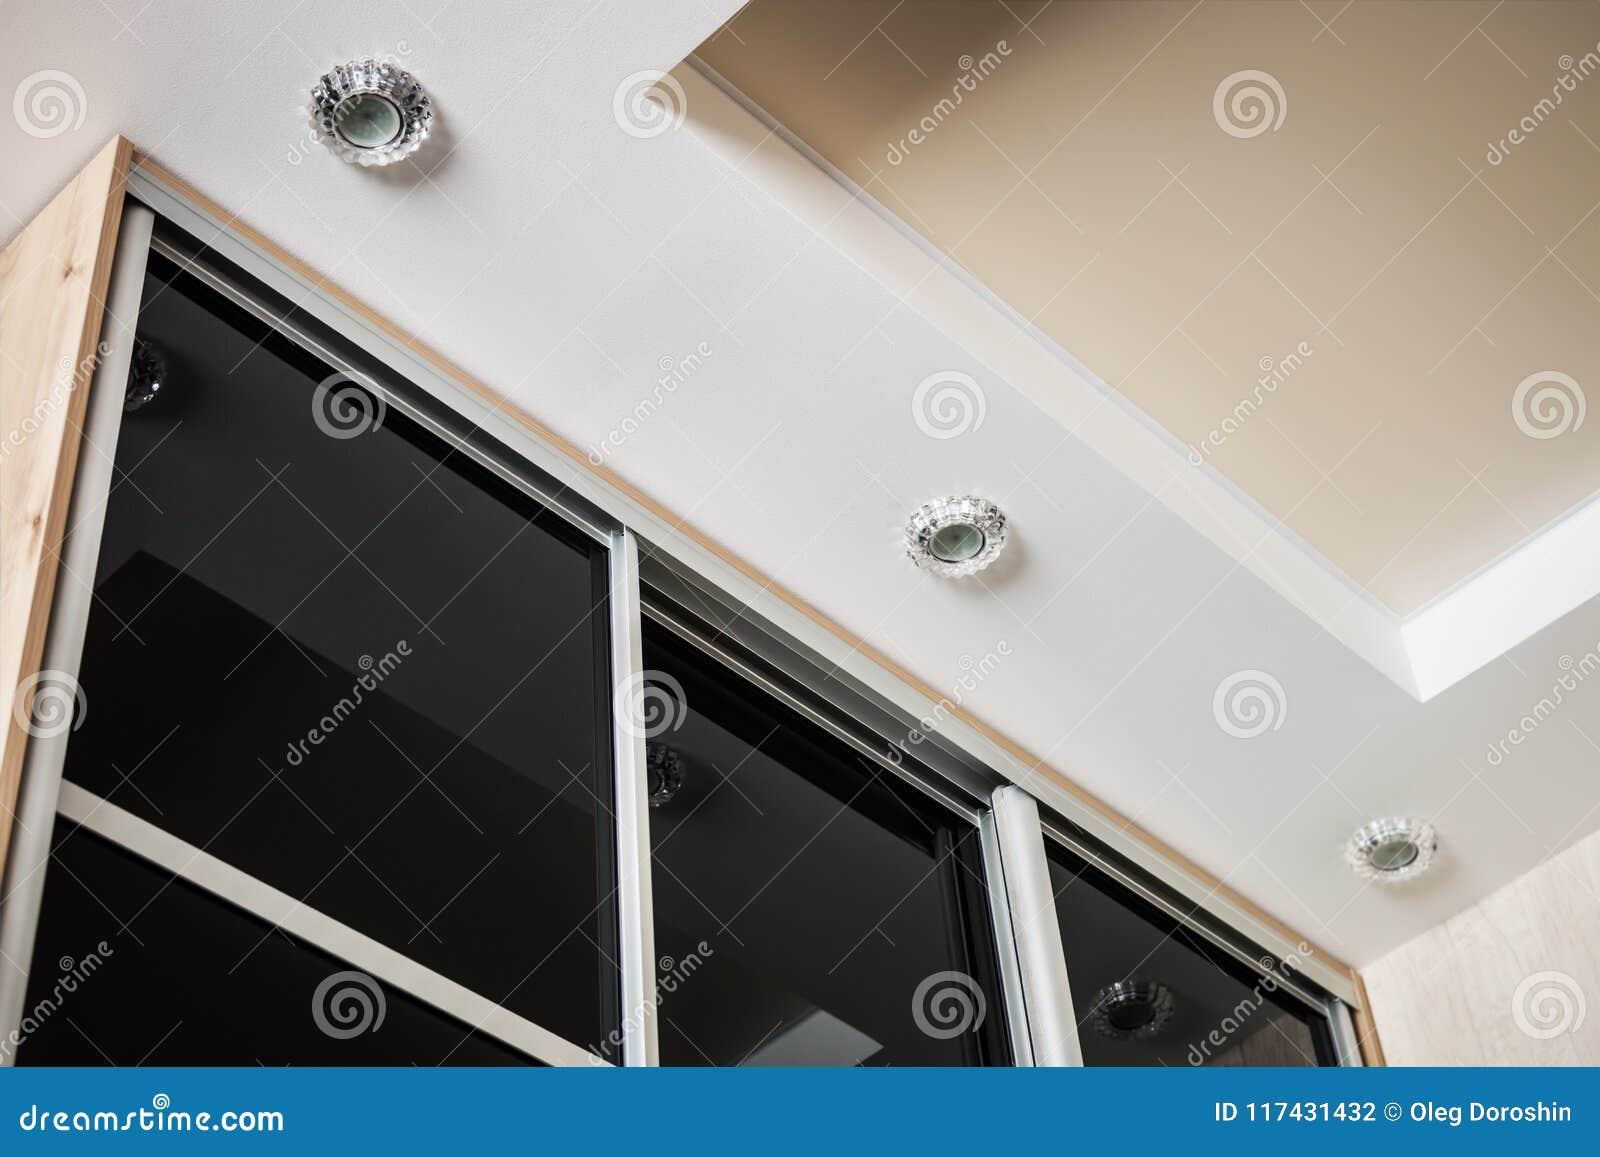 moderne moebel fuer haus, moderne materialien und möbel für innenraum stockfoto - bild von, Design ideen